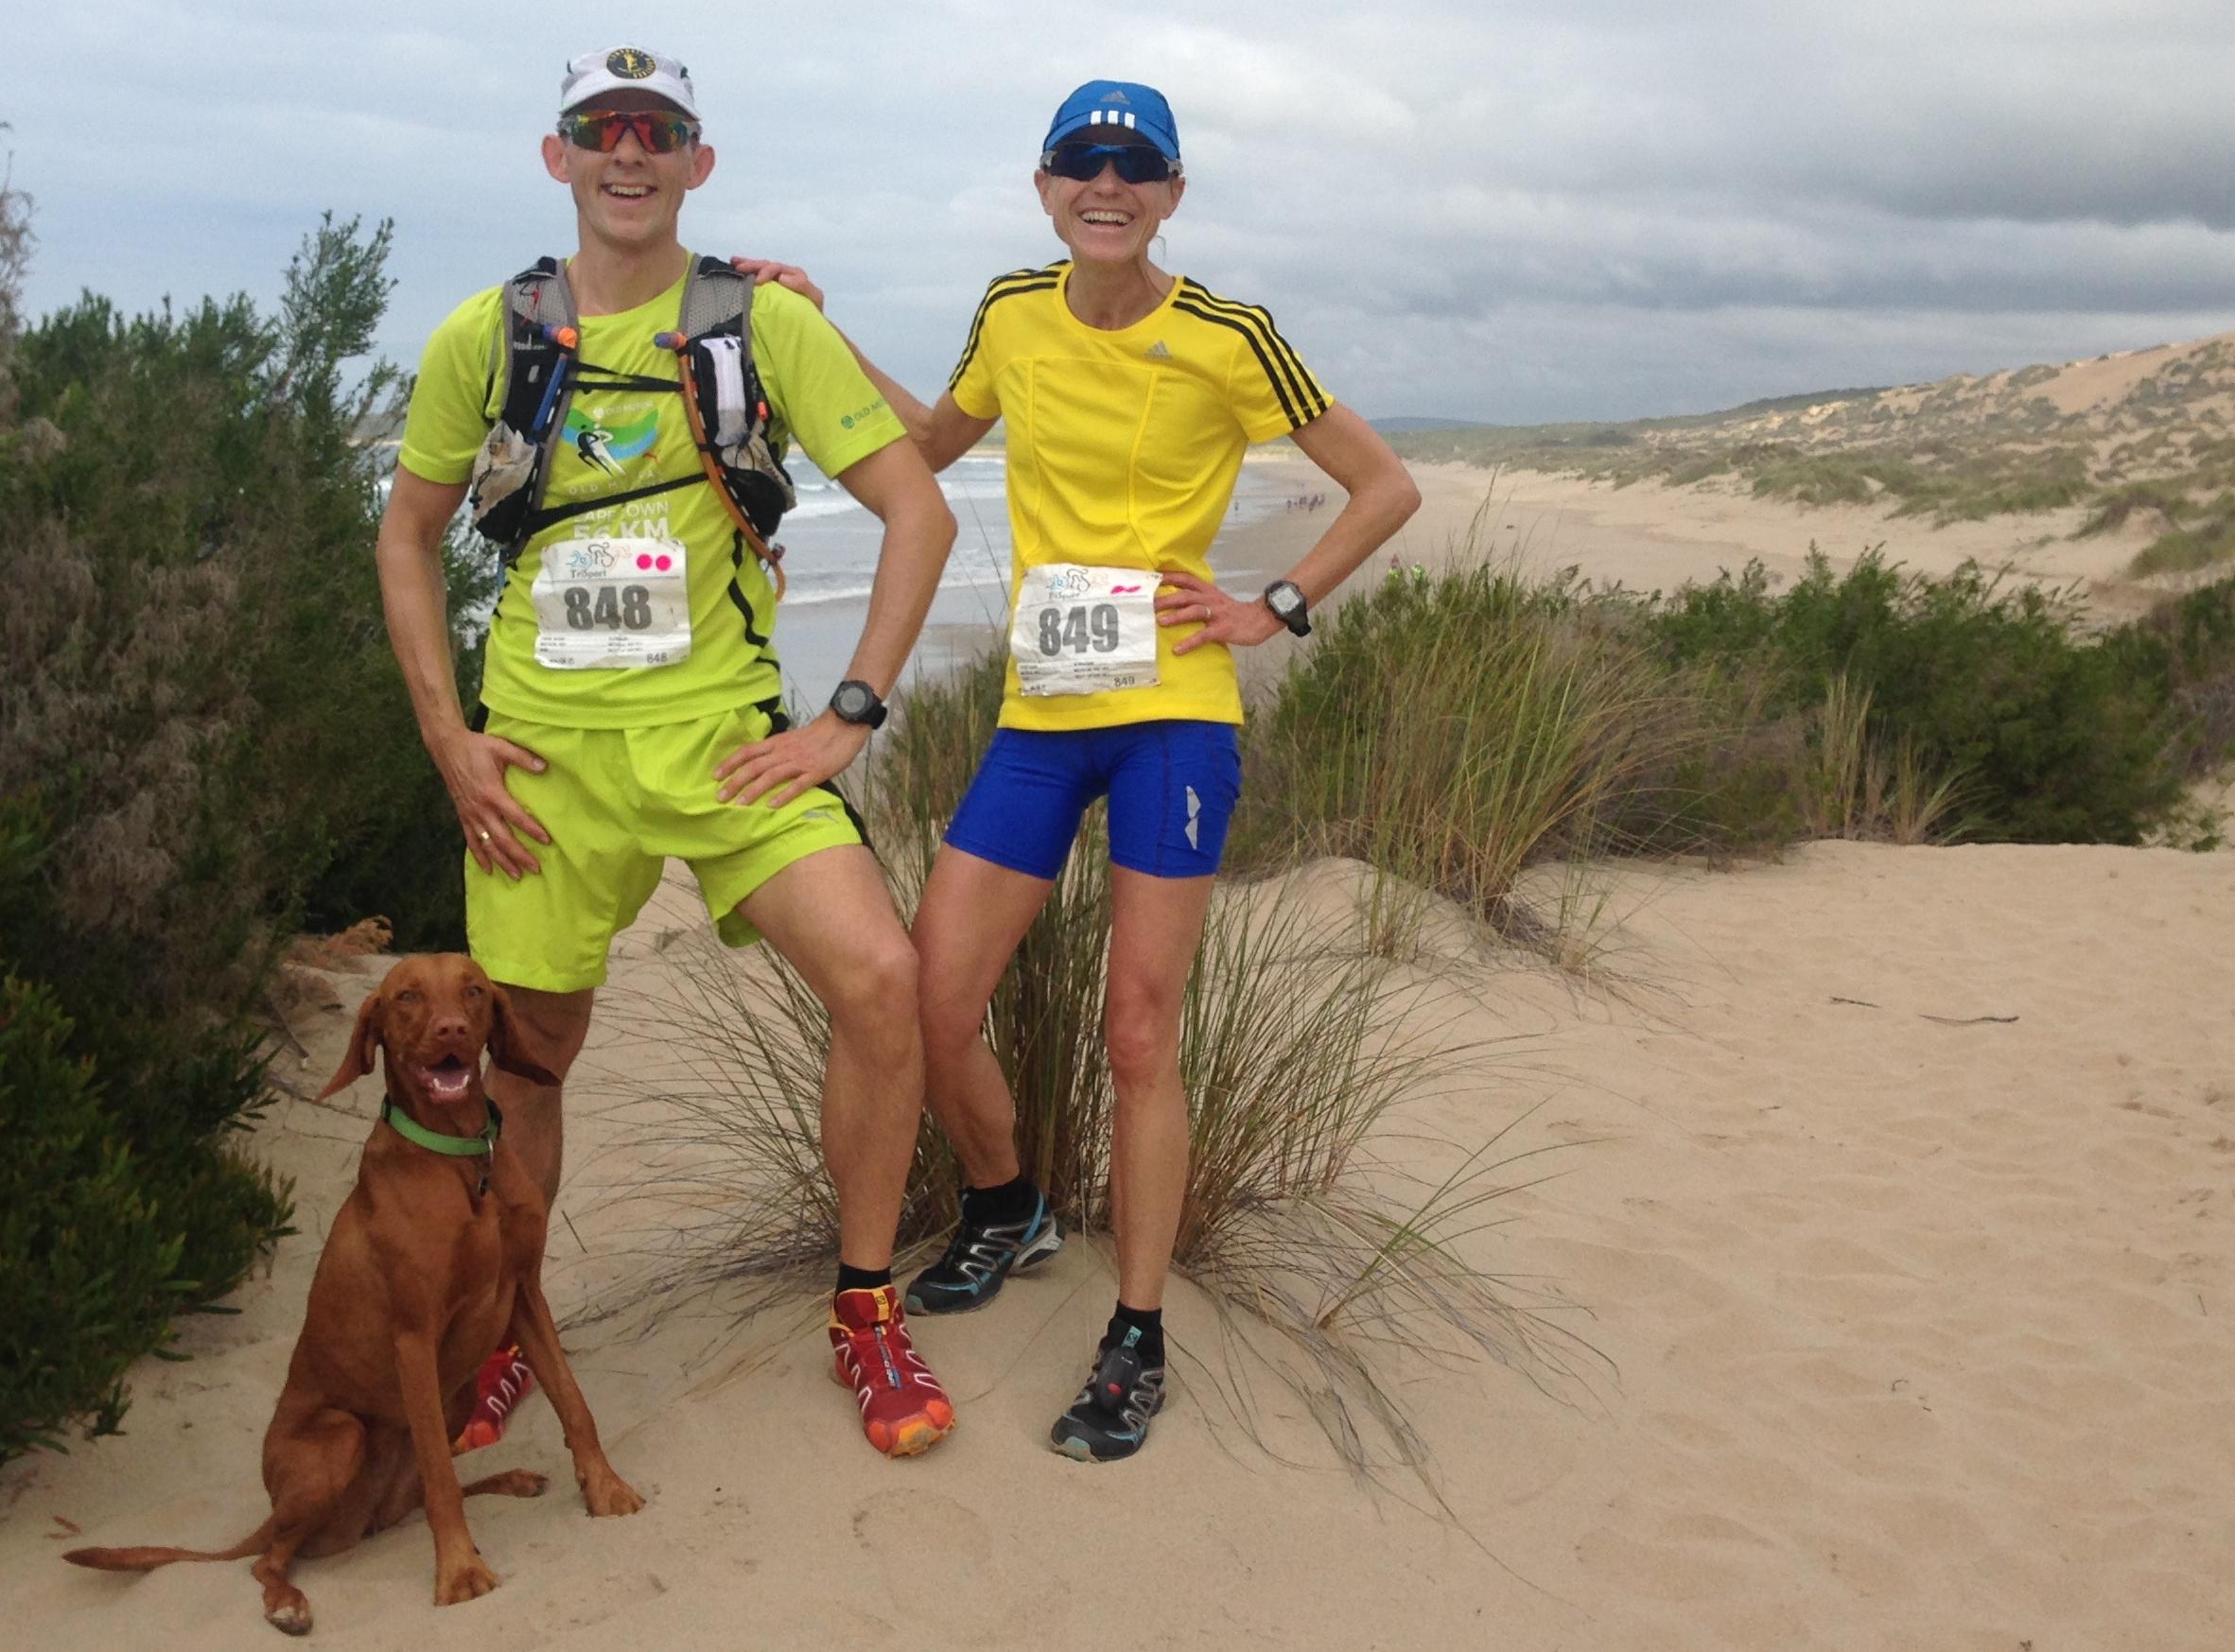 Race Review: 2015 Oystercatcher Trail Race (2 stage race, 20 km + 16 km)